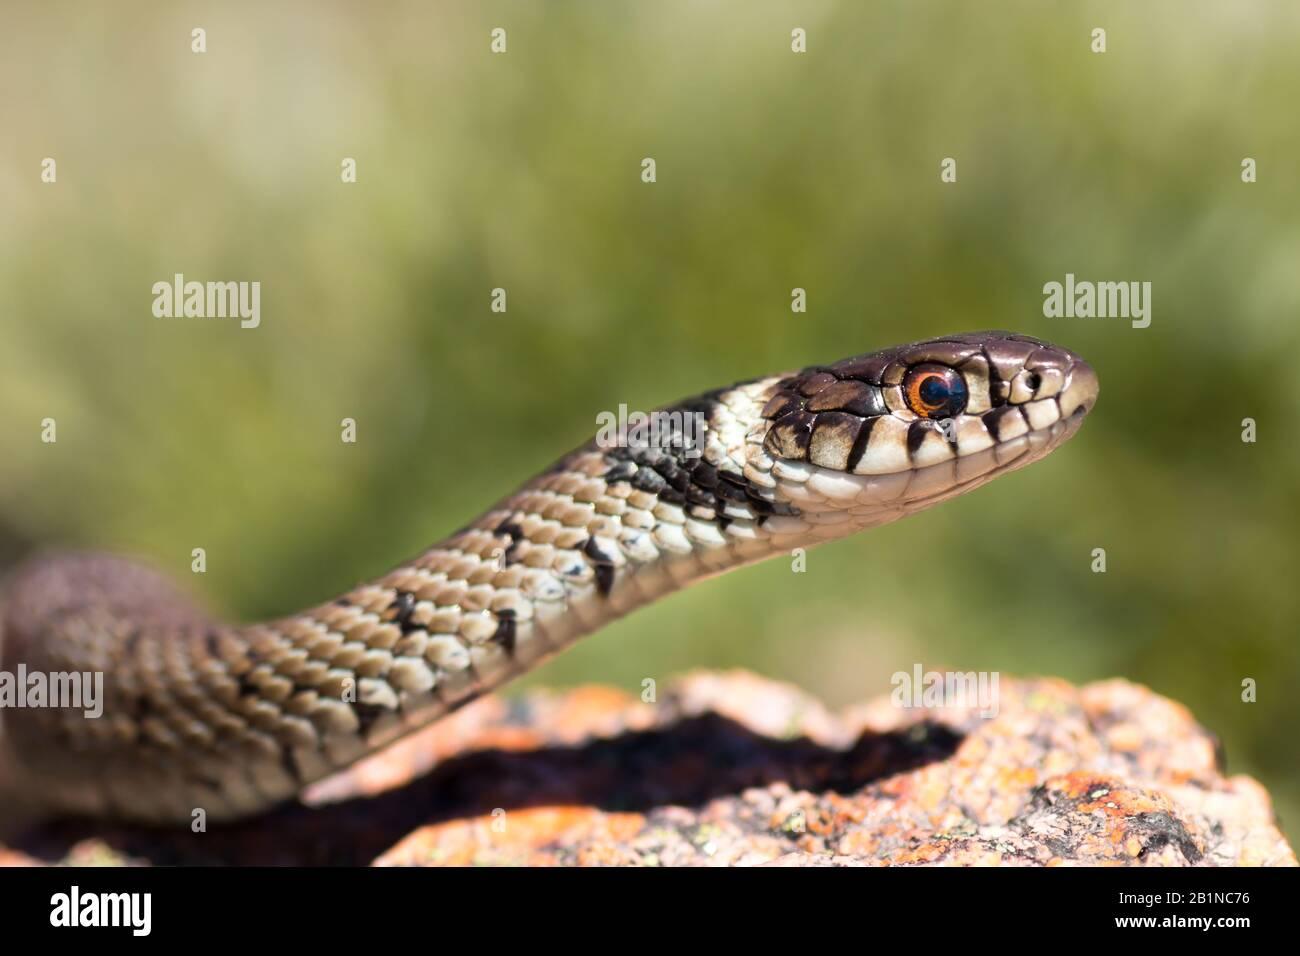 Una serpiente de hierba juvenil (Natrix natrix), también conocida como serpiente de agua, con el collar característico. Este ejemplar fue fotografiado en Oporto, Portugal. Foto de stock